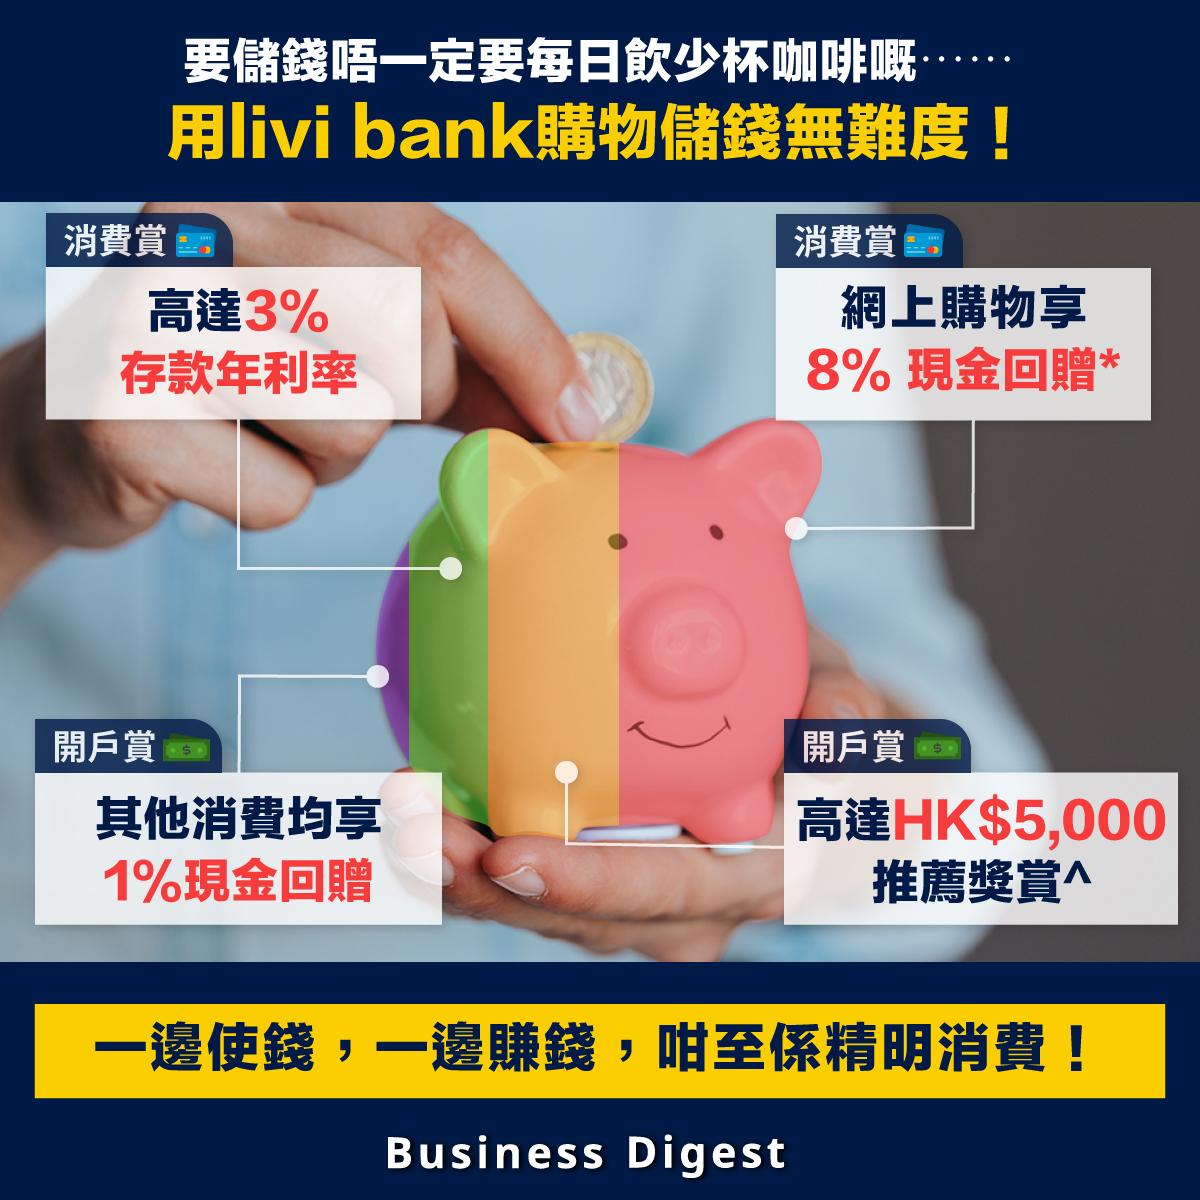 【精明消費】用「碎片儲錢」概念滾存財富,livi bank讓你一邊使錢,一邊儲錢!